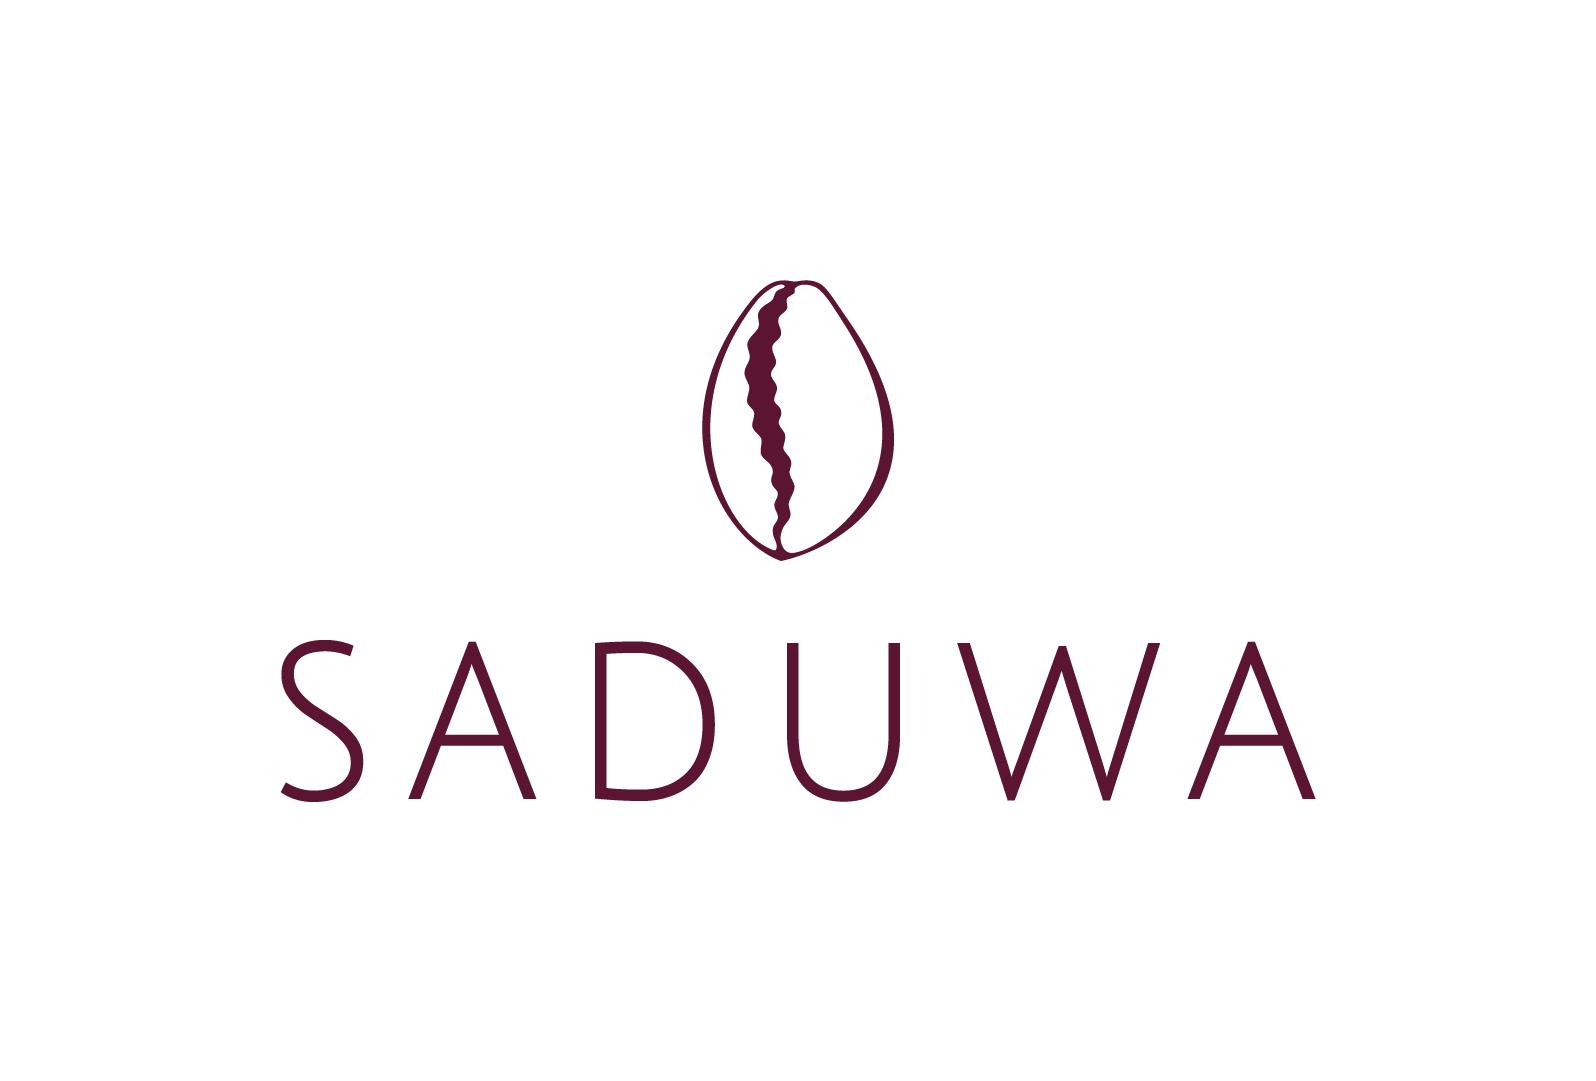 SADUWA